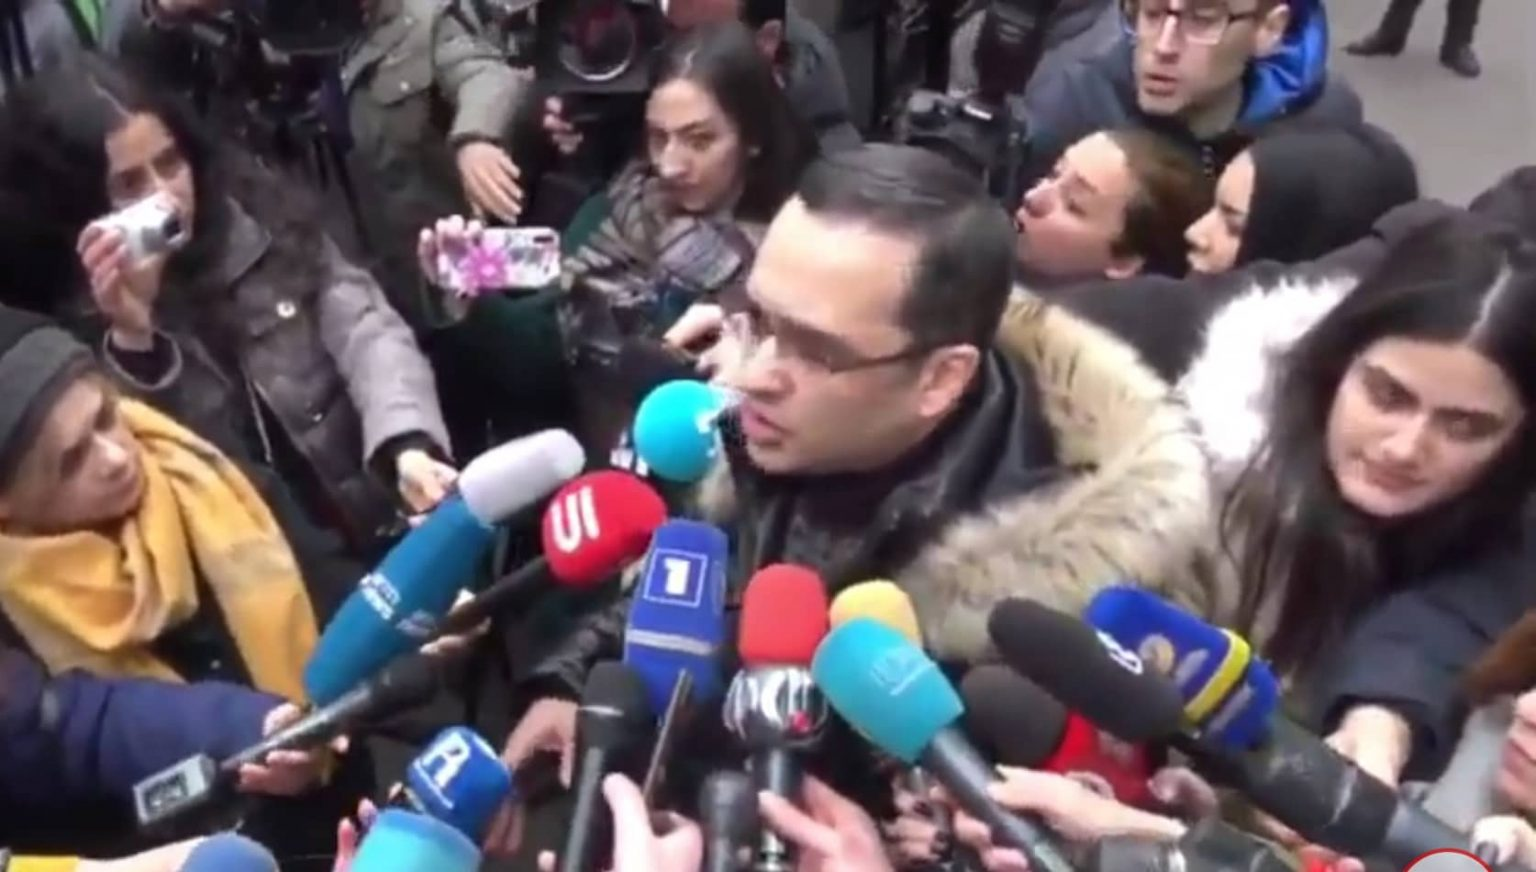 Տեսանյութ. Անվտանգության ծառայության հետ մենք որևէ առնչություն չունենք․ Սողոմոնյանը՝ «Էրեբունի պլազա»-ում Քոչարյանի գրասենյակի անվտանգության մասին